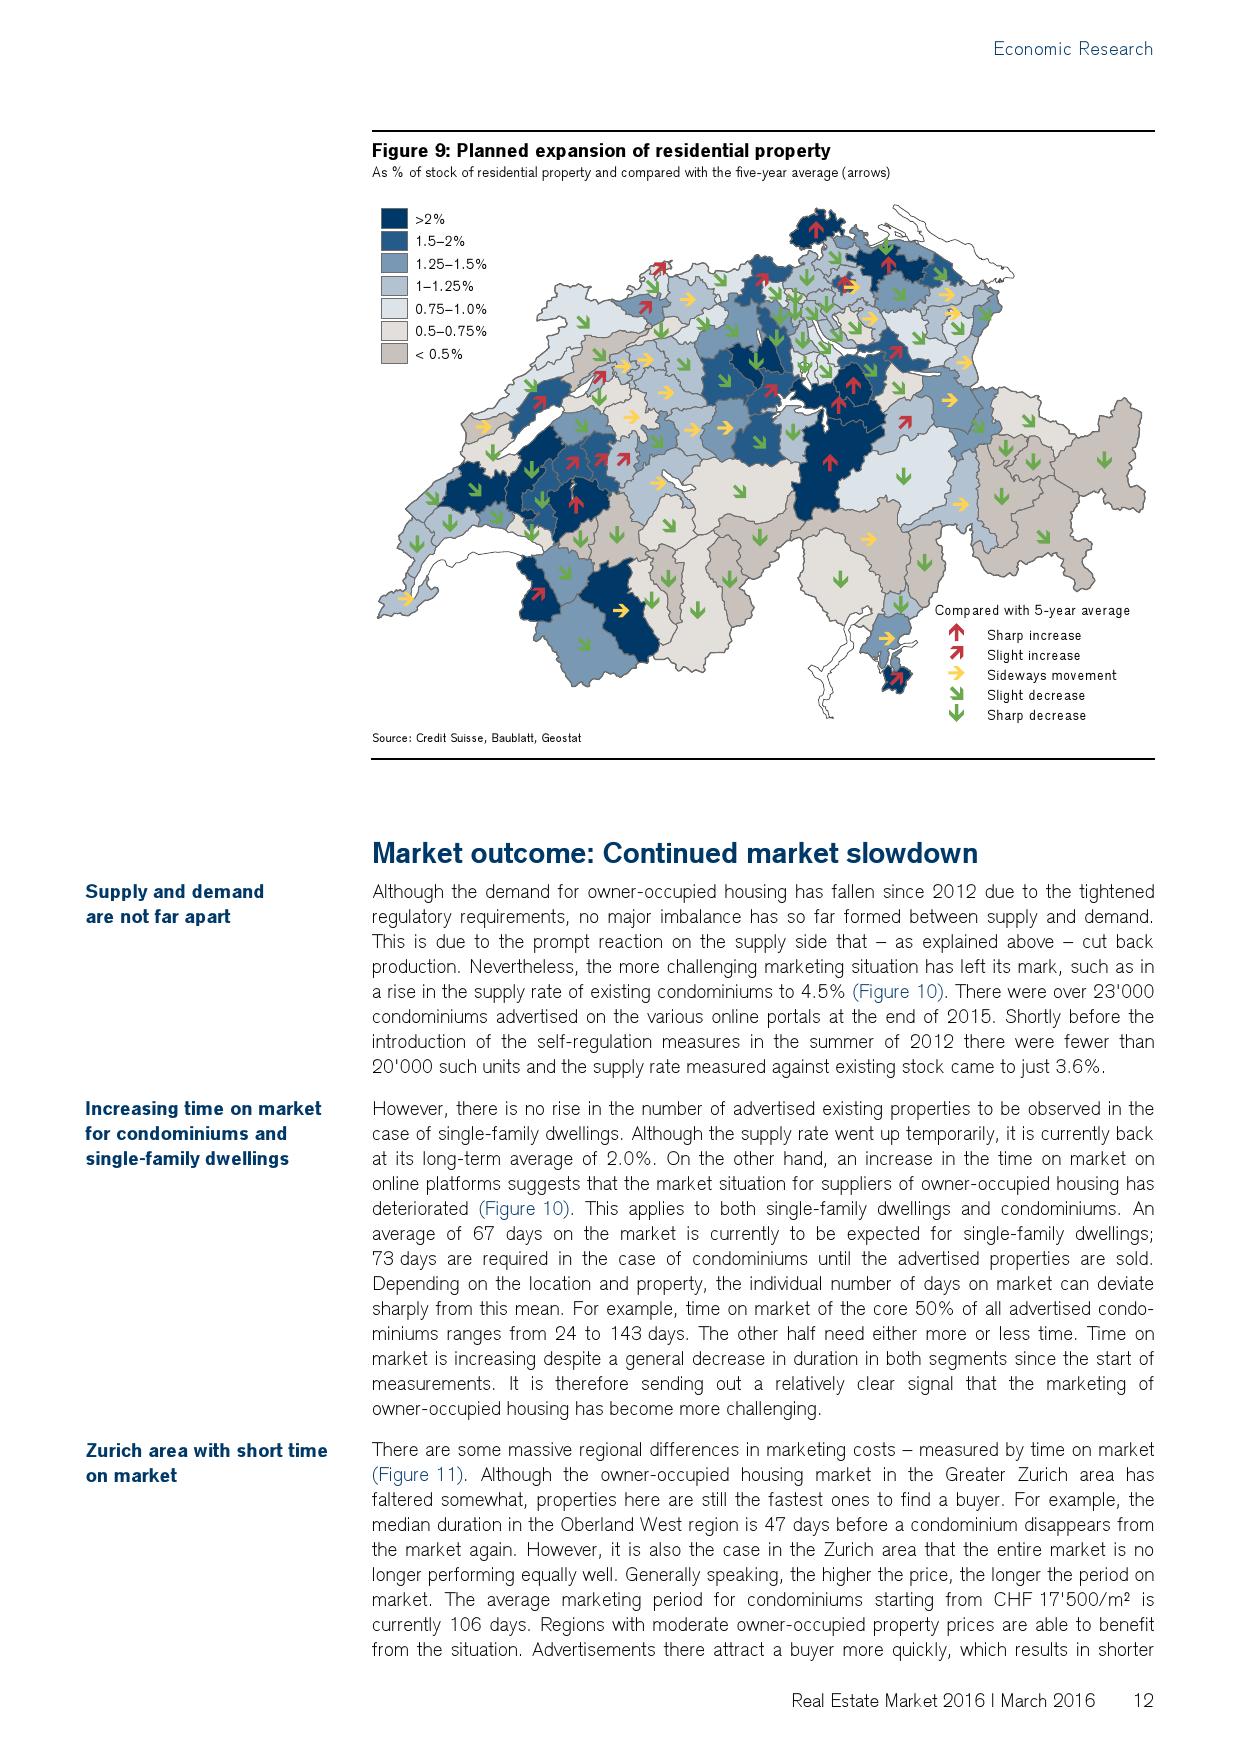 2016年瑞士房地产市场研究报告_000012